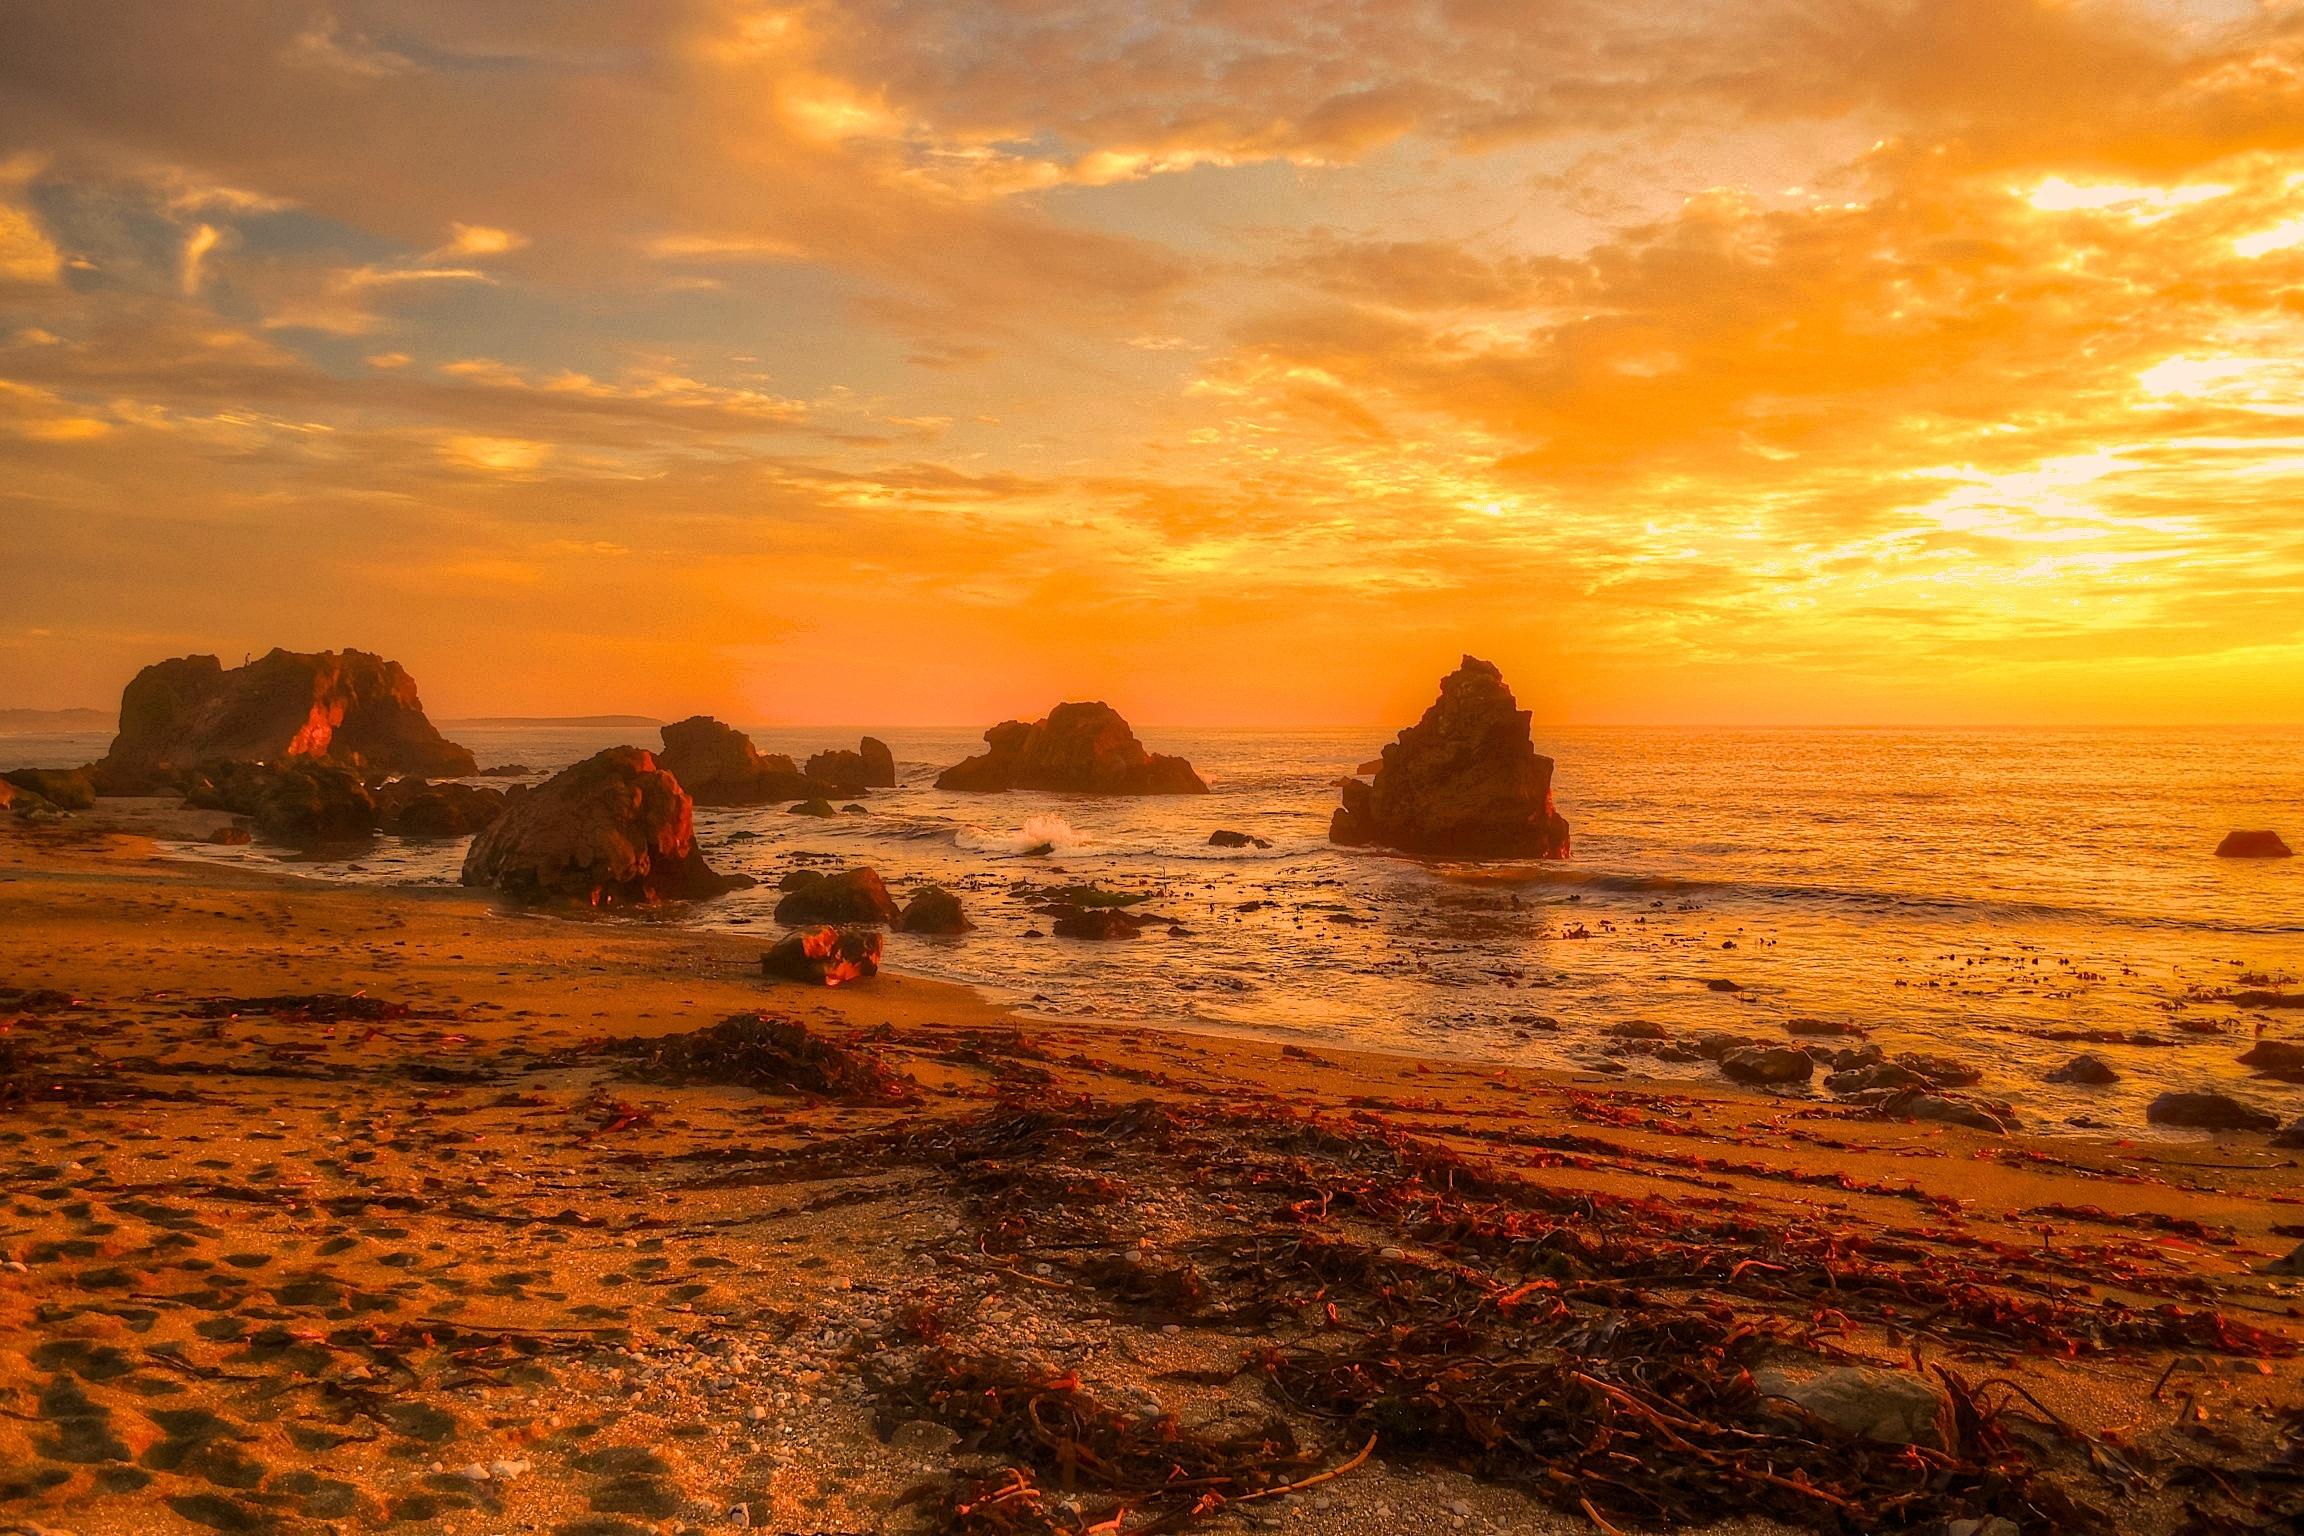 Автор: angel123 / размер: 2048x1360 / теги: закат, пейзаж, небо, отражение, паруса, море